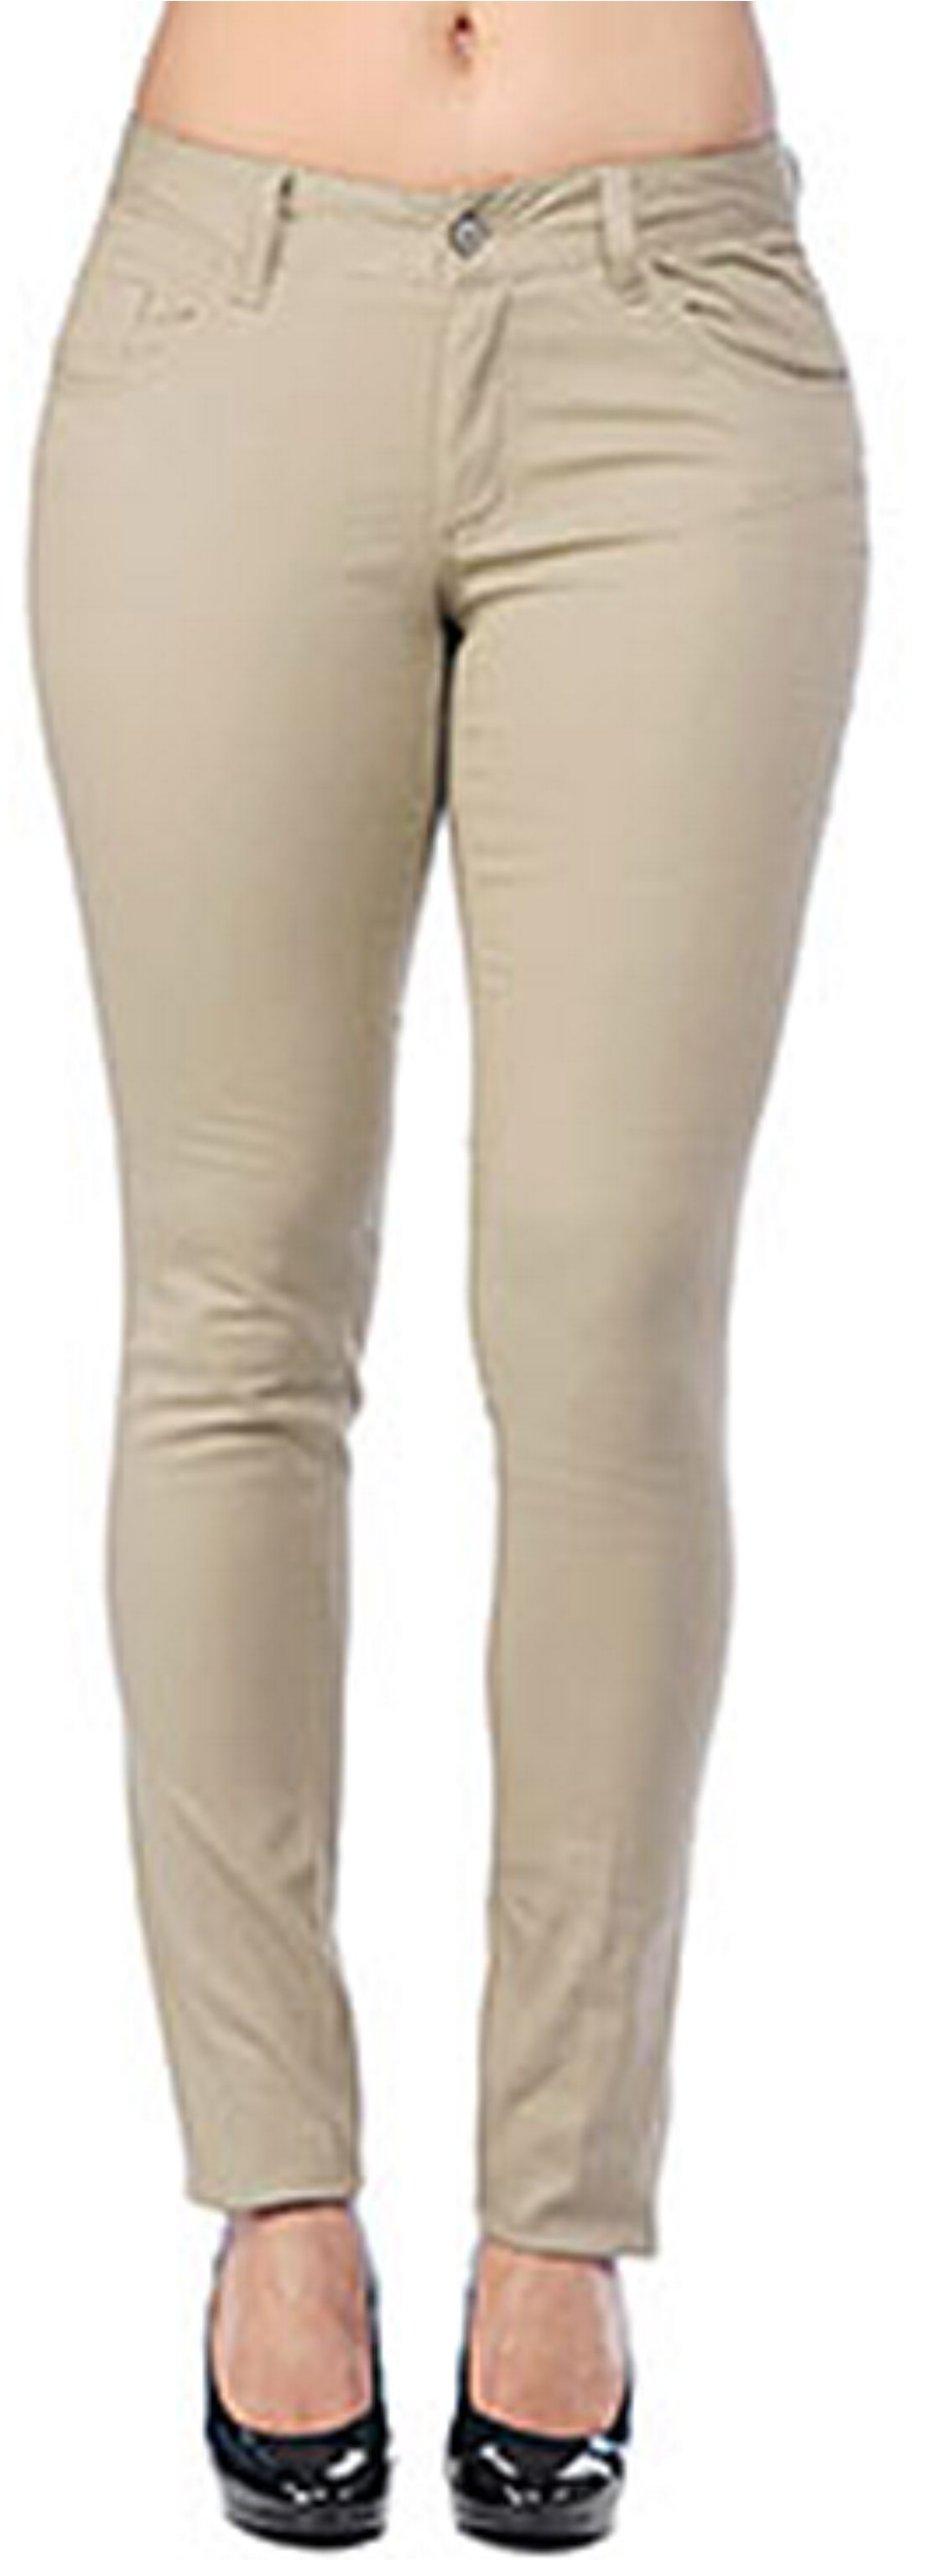 Dickies Girl Junior's Classic 5 Pocket Skinny Pant, Khaki, 5